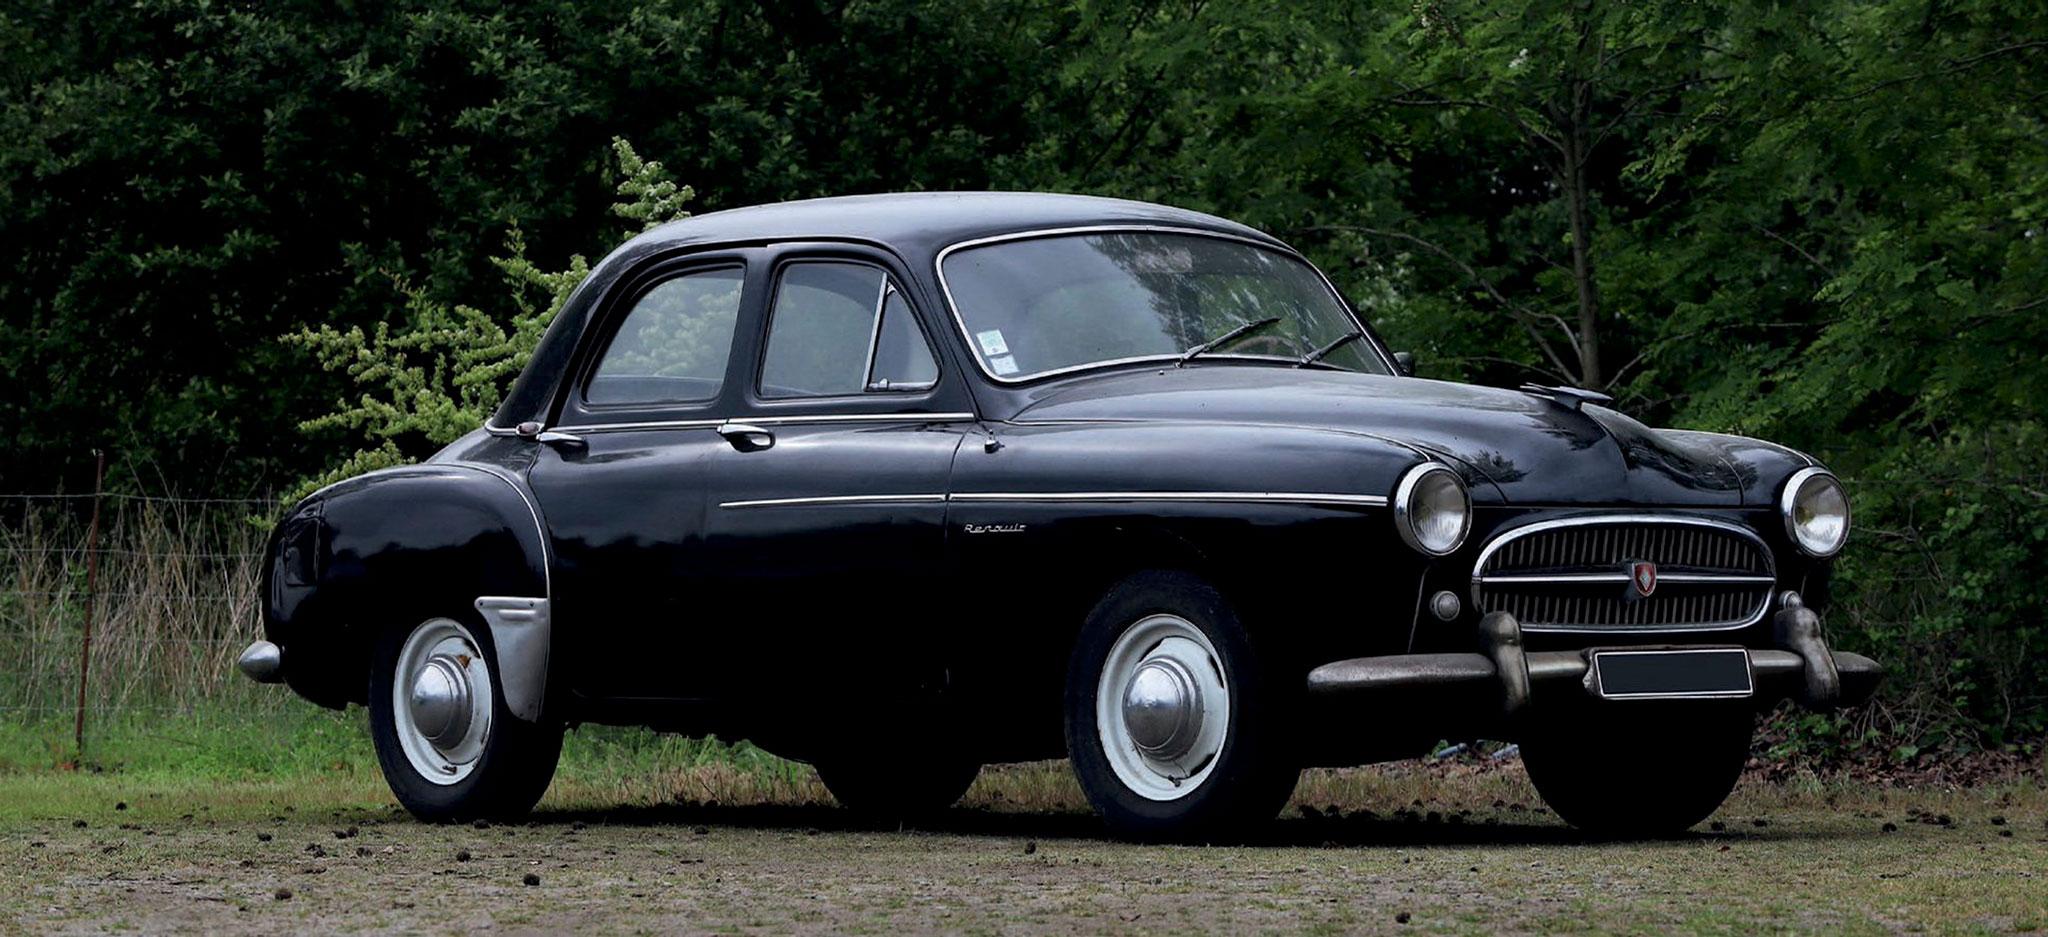 1956 Renault Frégate €2500 - 4500 - Populaires Françaises.